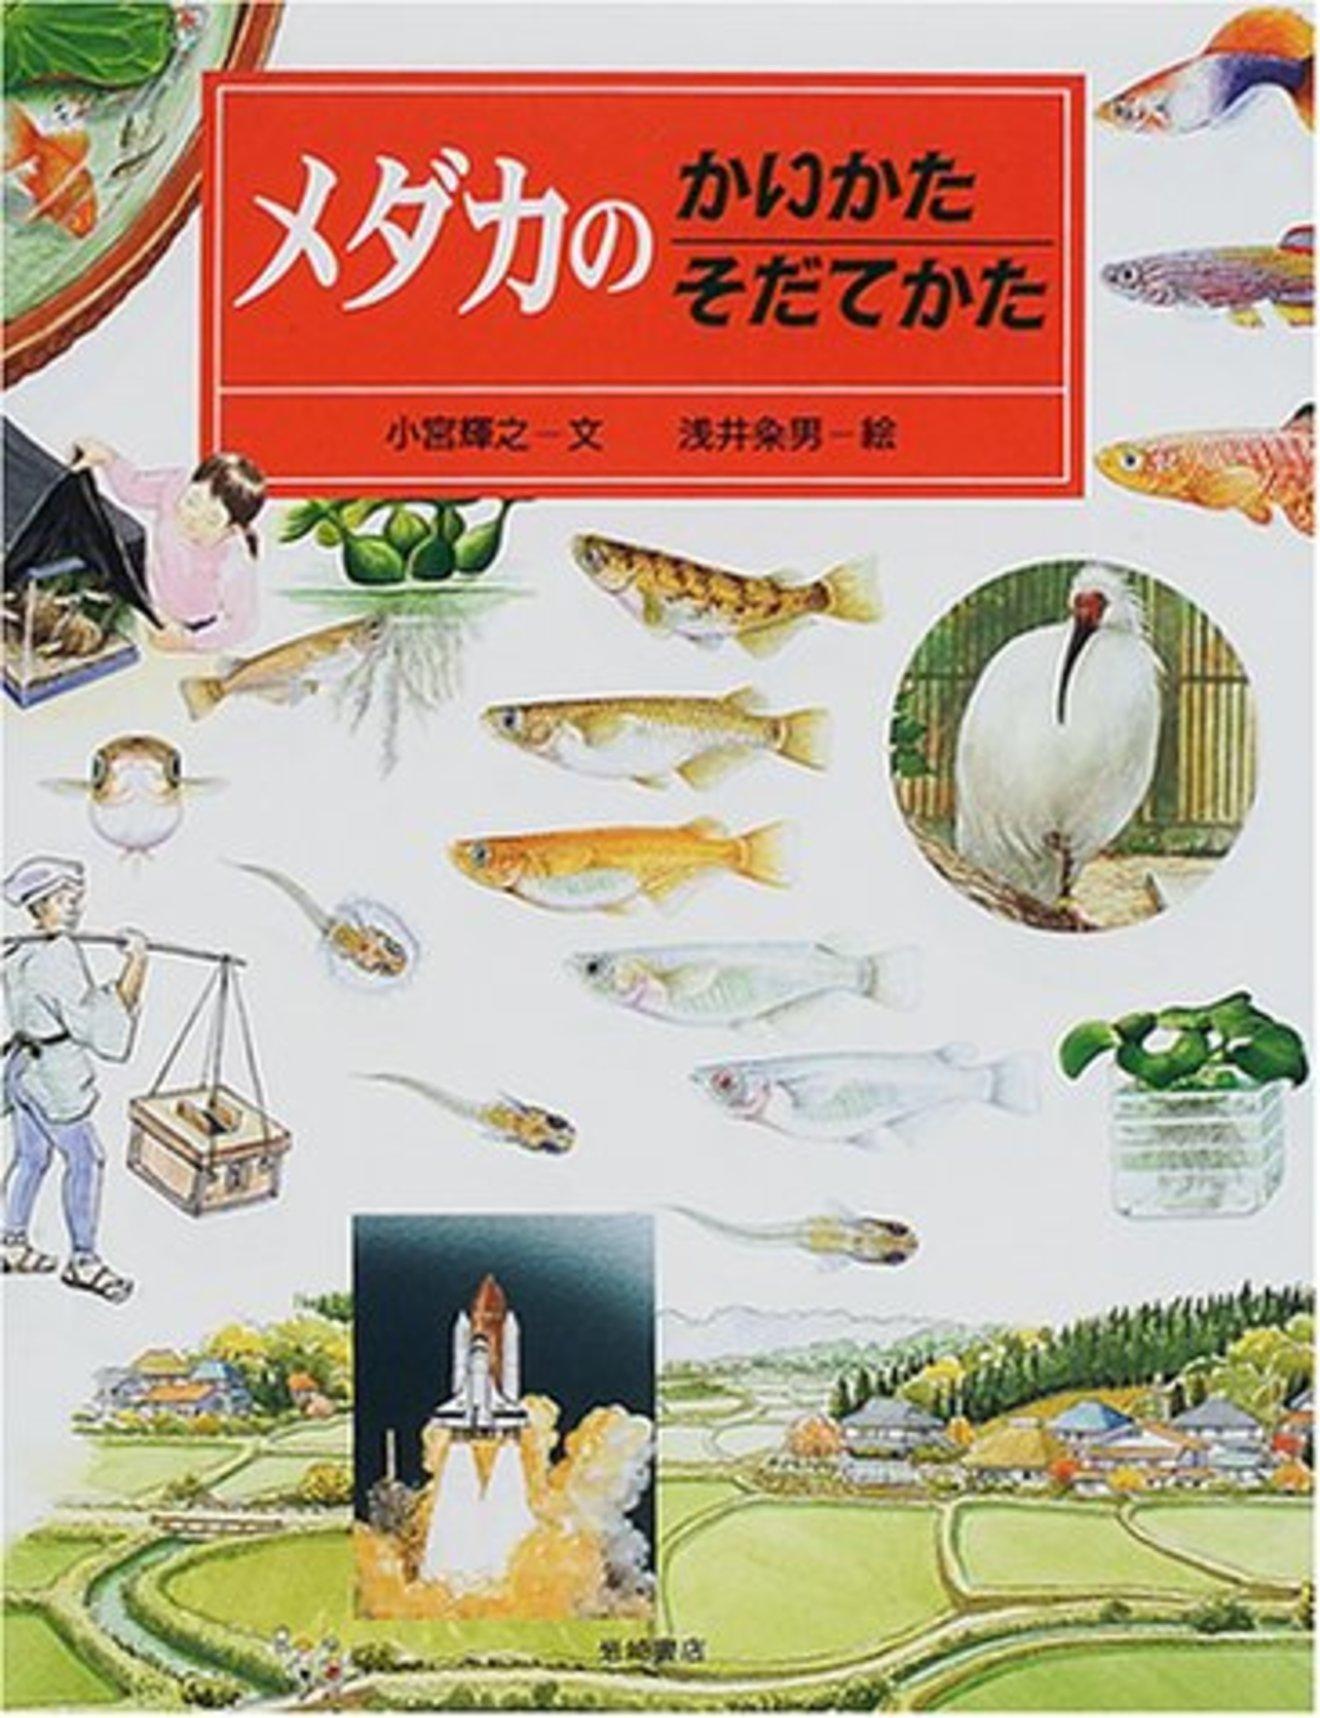 メダカの飼育方法の基本をご紹介!初心者におすすめの種類など